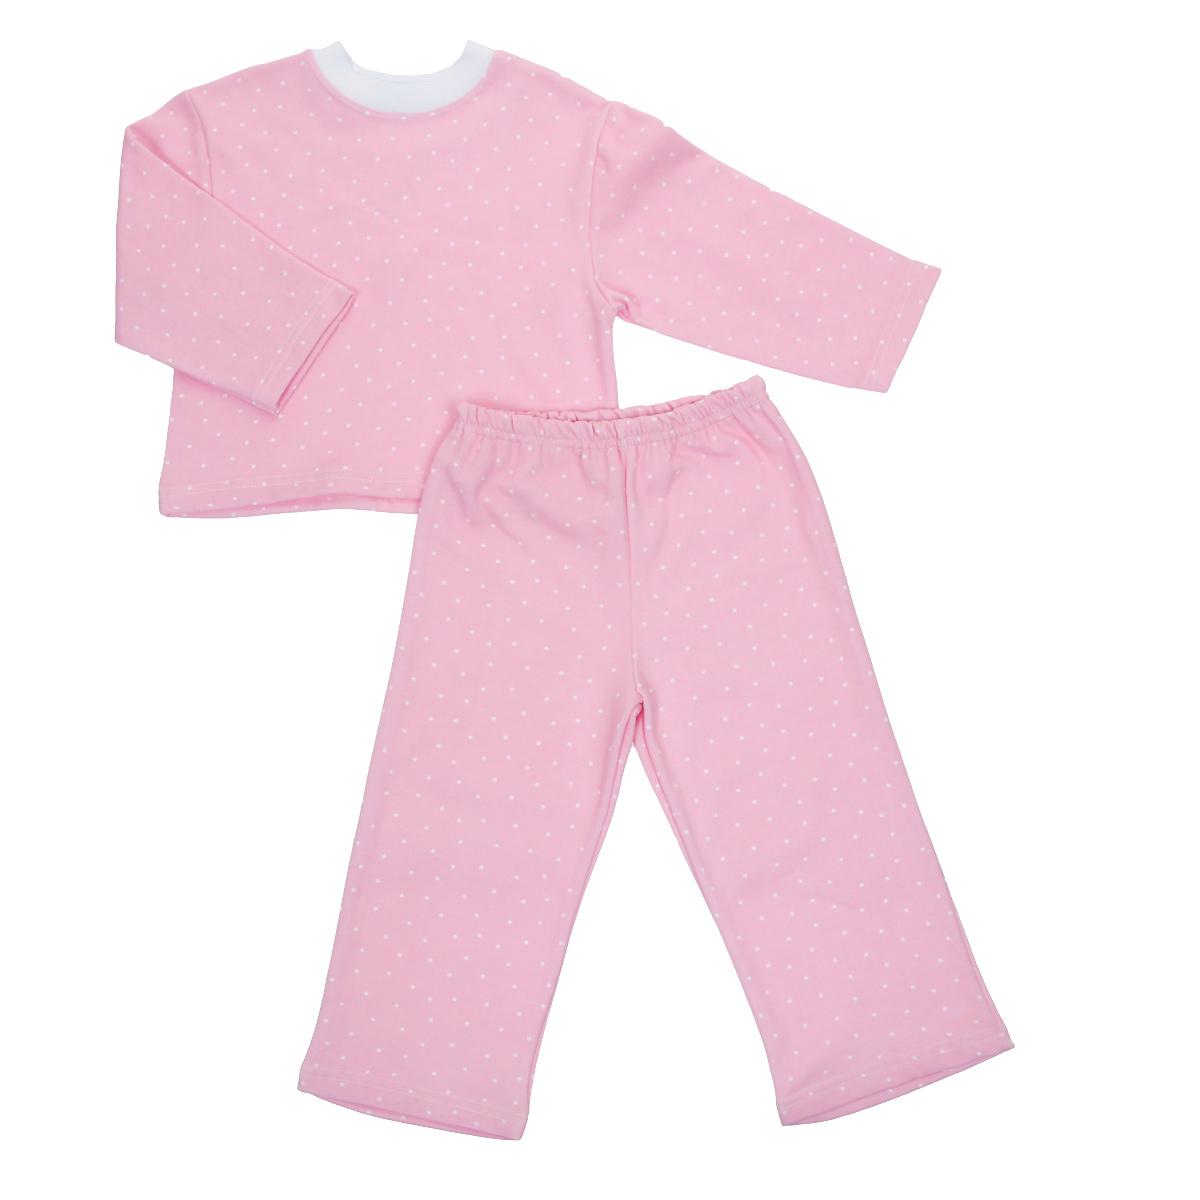 Пижама детская Трон-плюс, цвет: розовый, белый, рисунок горох. 5553. Размер 86/92, 2-3 года